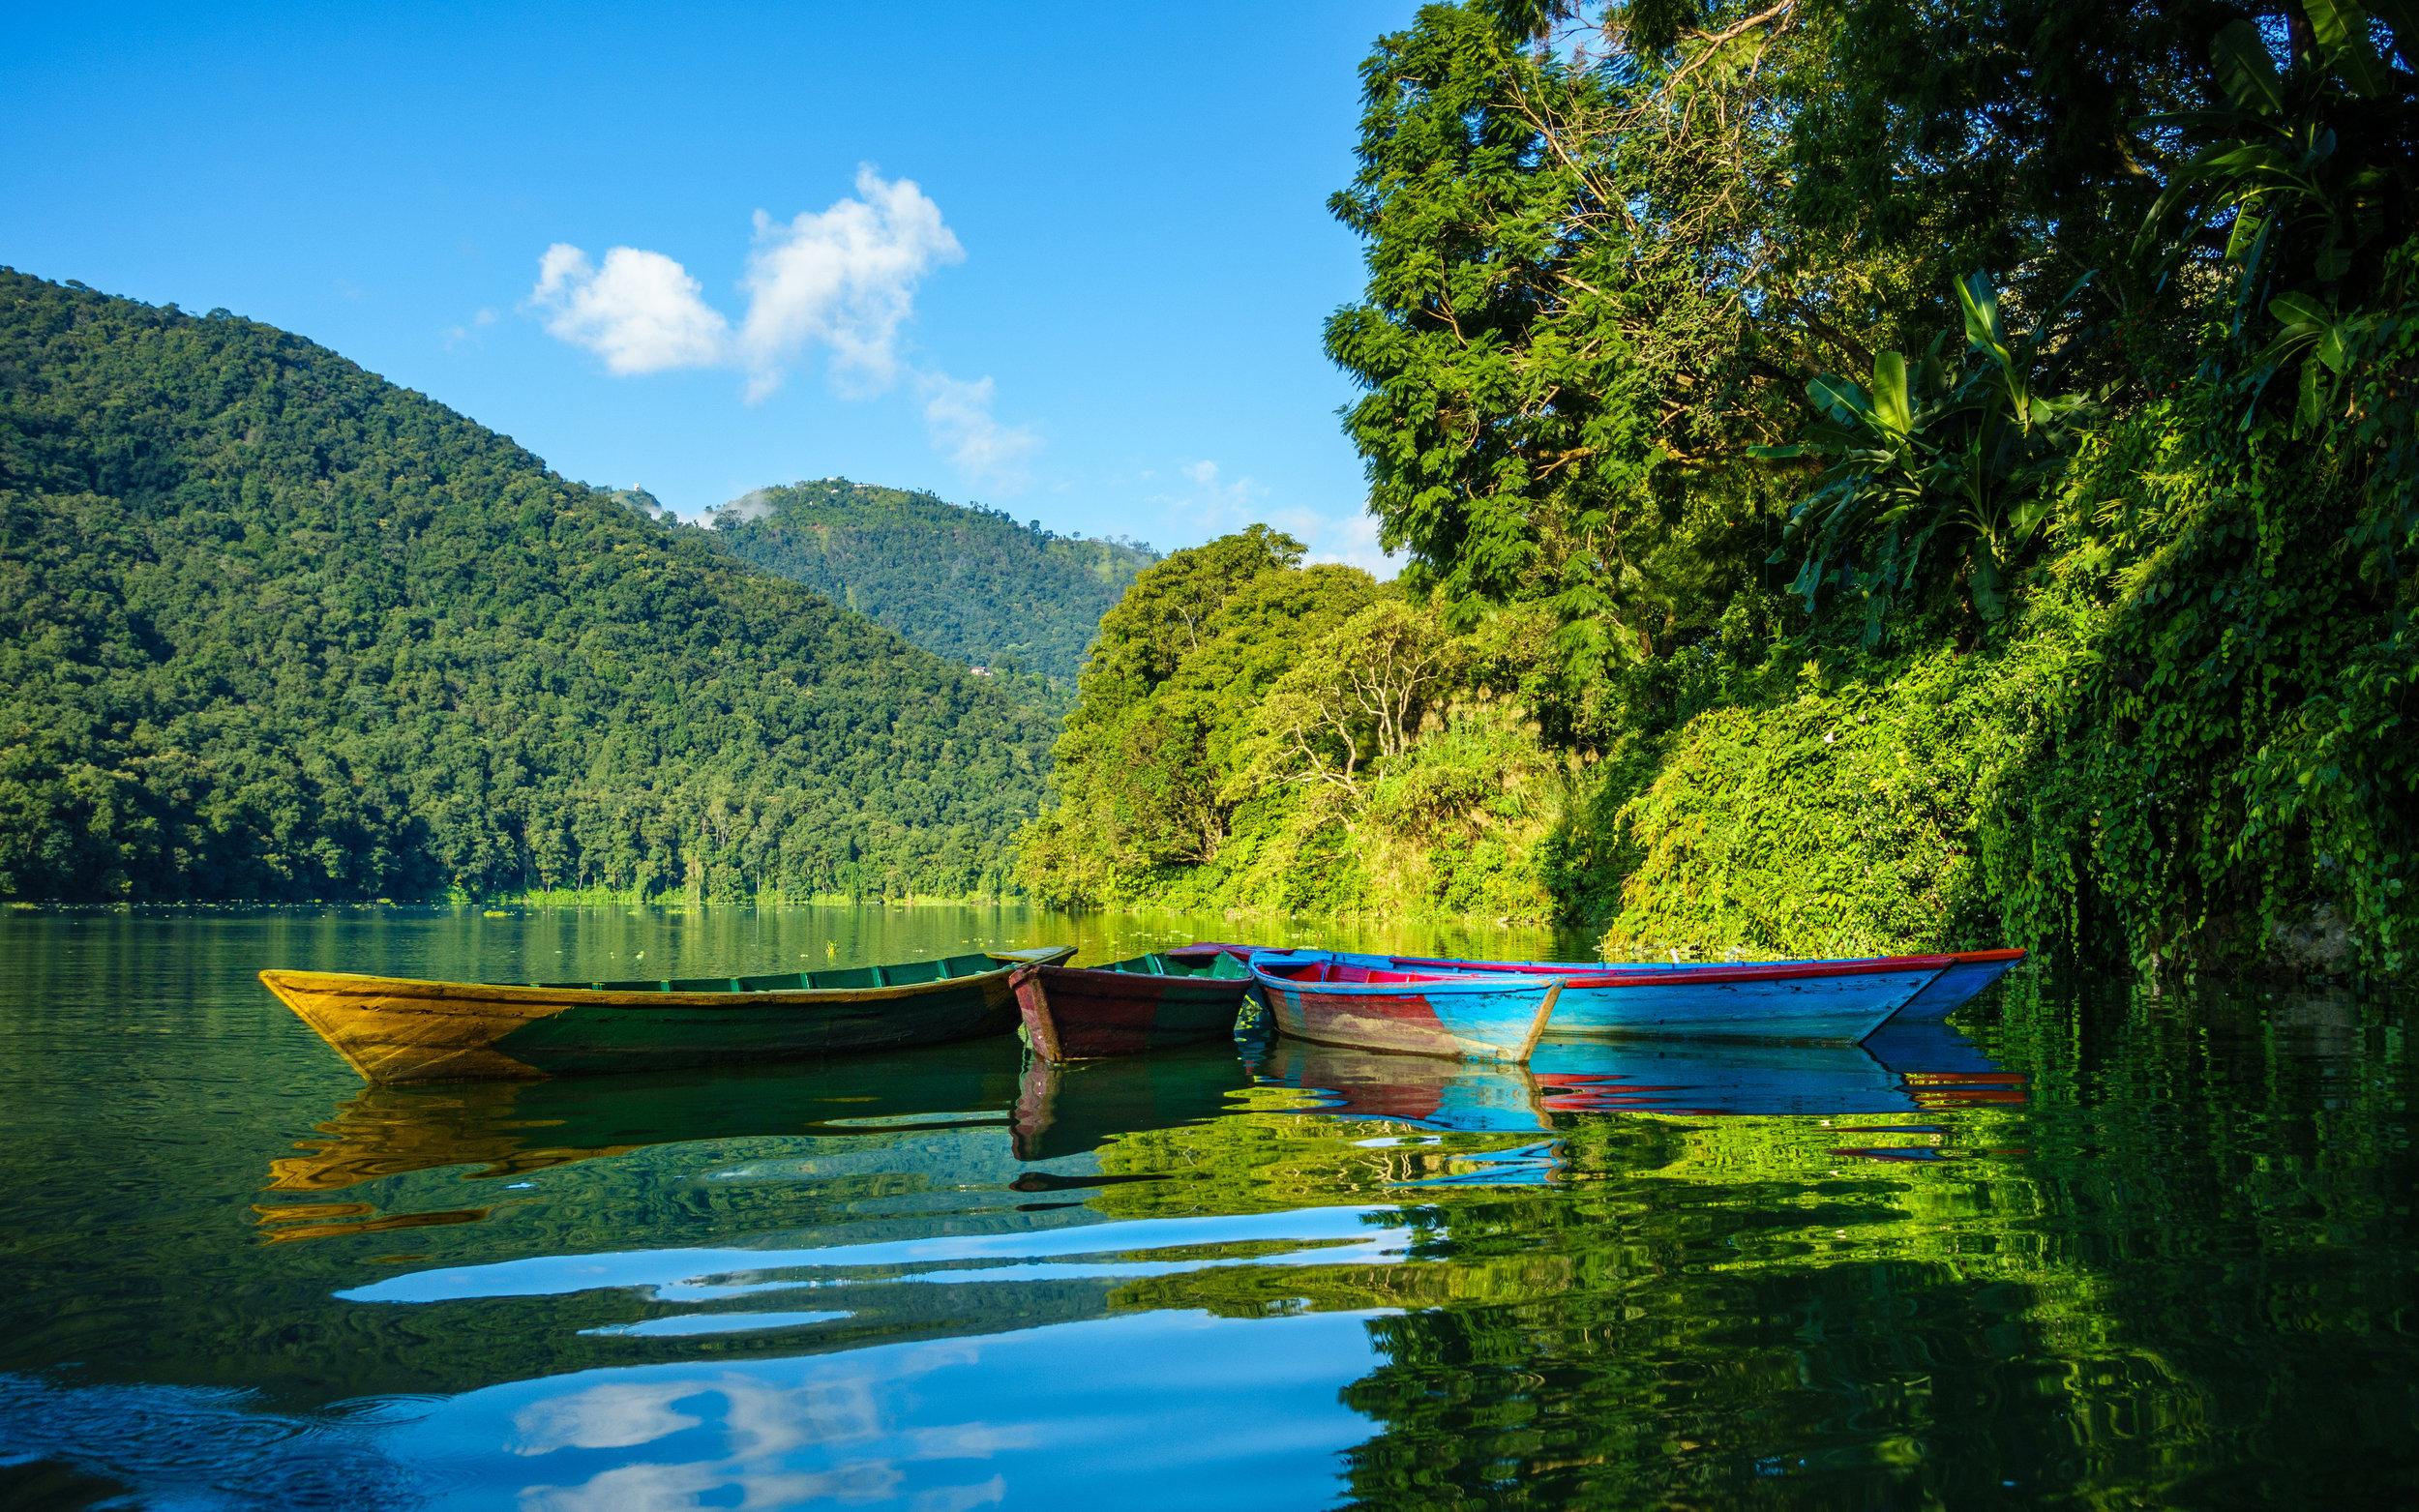 nepal_bigstock-Colorful-small-boats-on-Phewa--171956372.jpg